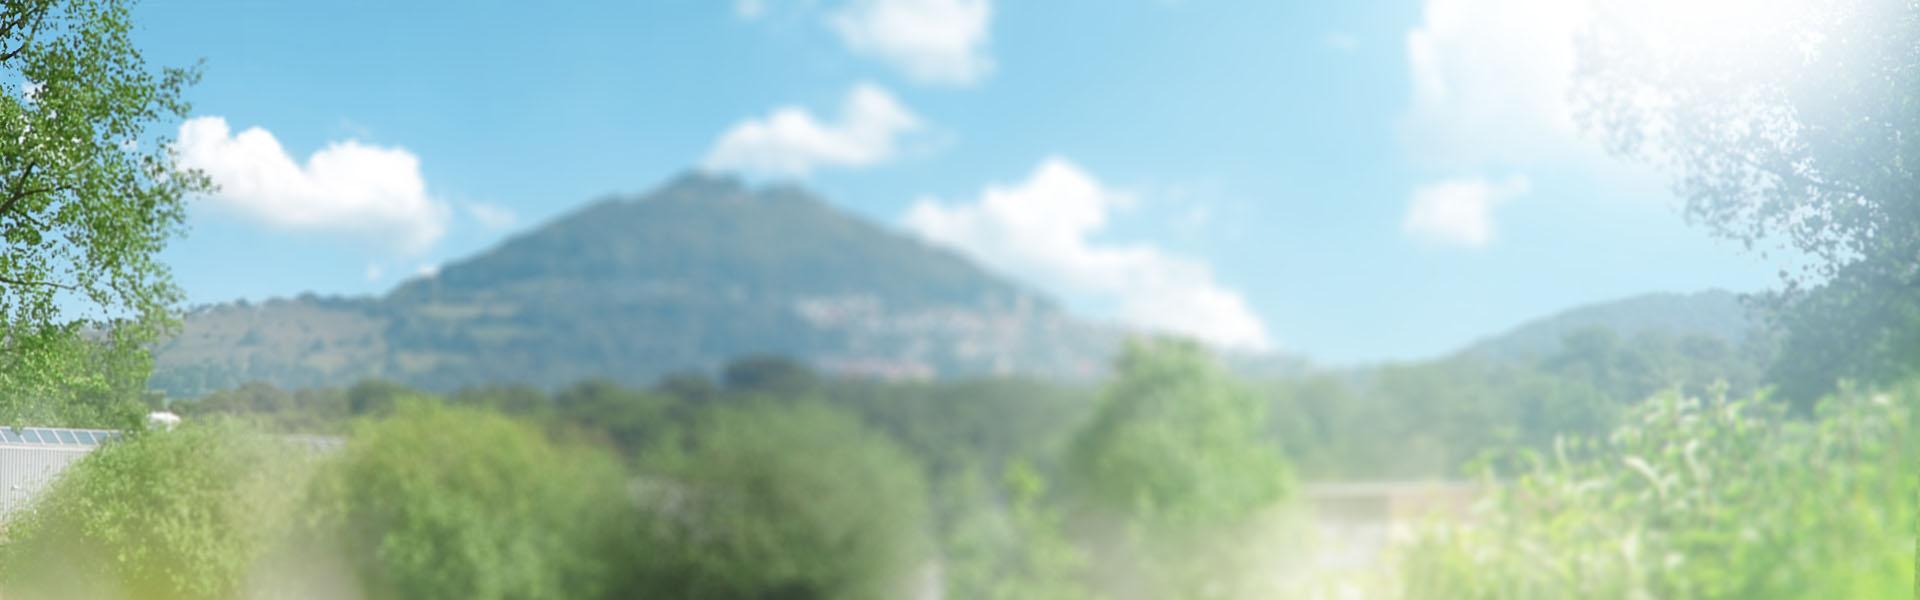 slide4_blur